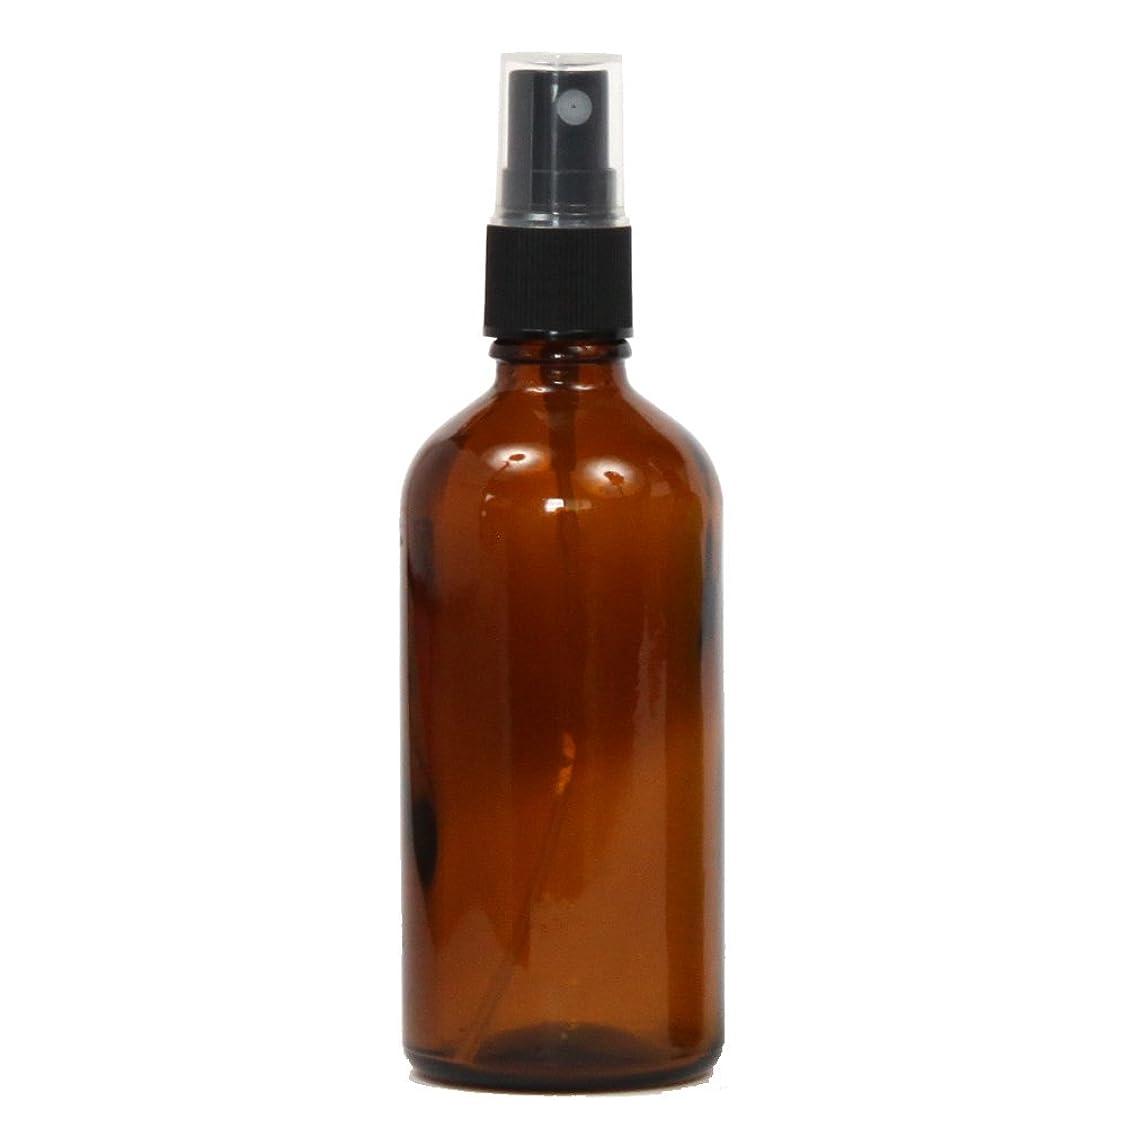 試用サリーデジタルスプレーボトル ガラス瓶 100mL 遮光性ブラウン(アンバー) おしゃれアトマイザー ミスト空容器